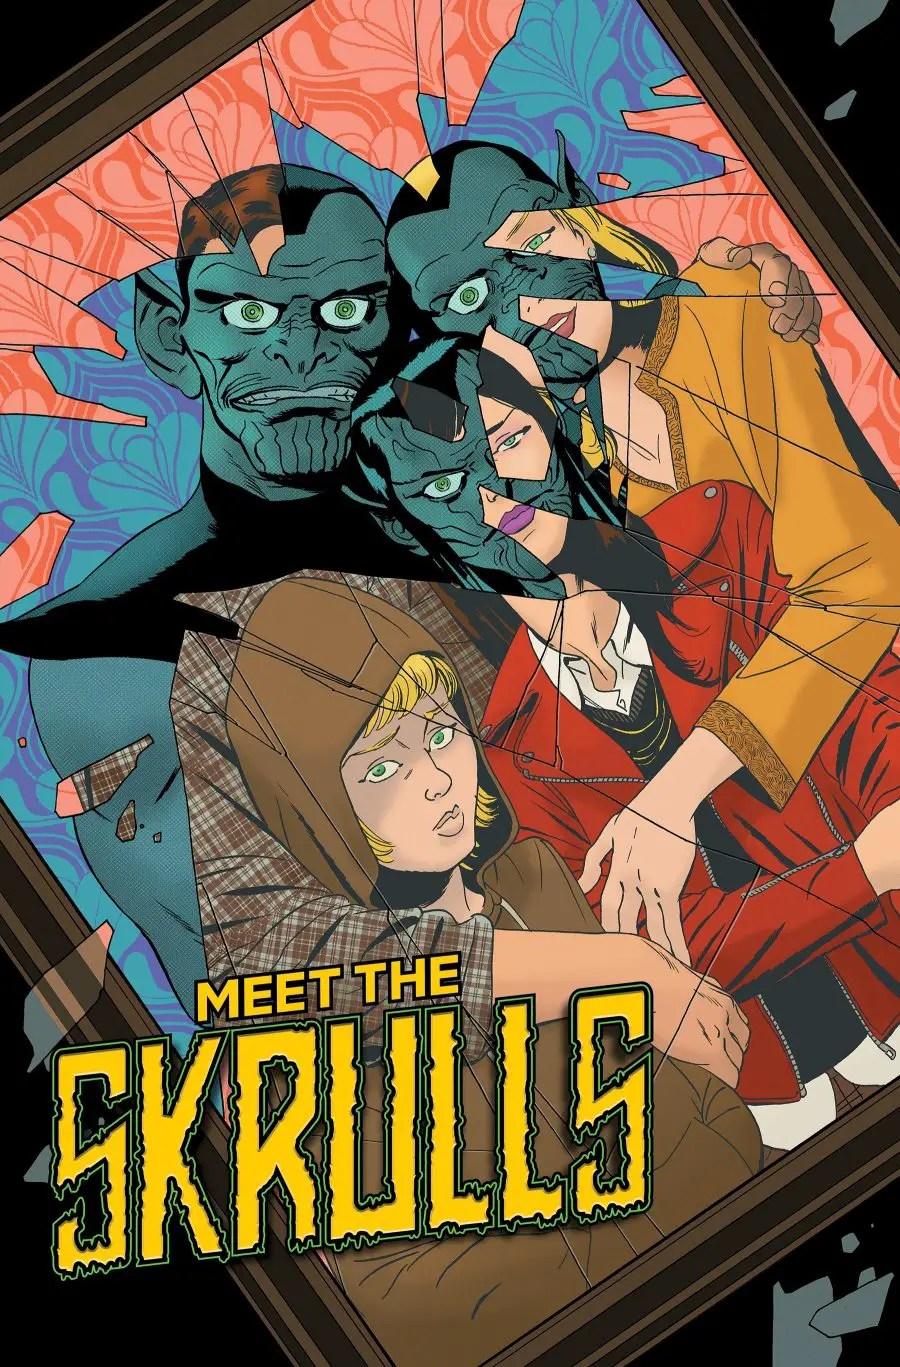 'Meet The Skrulls' Review